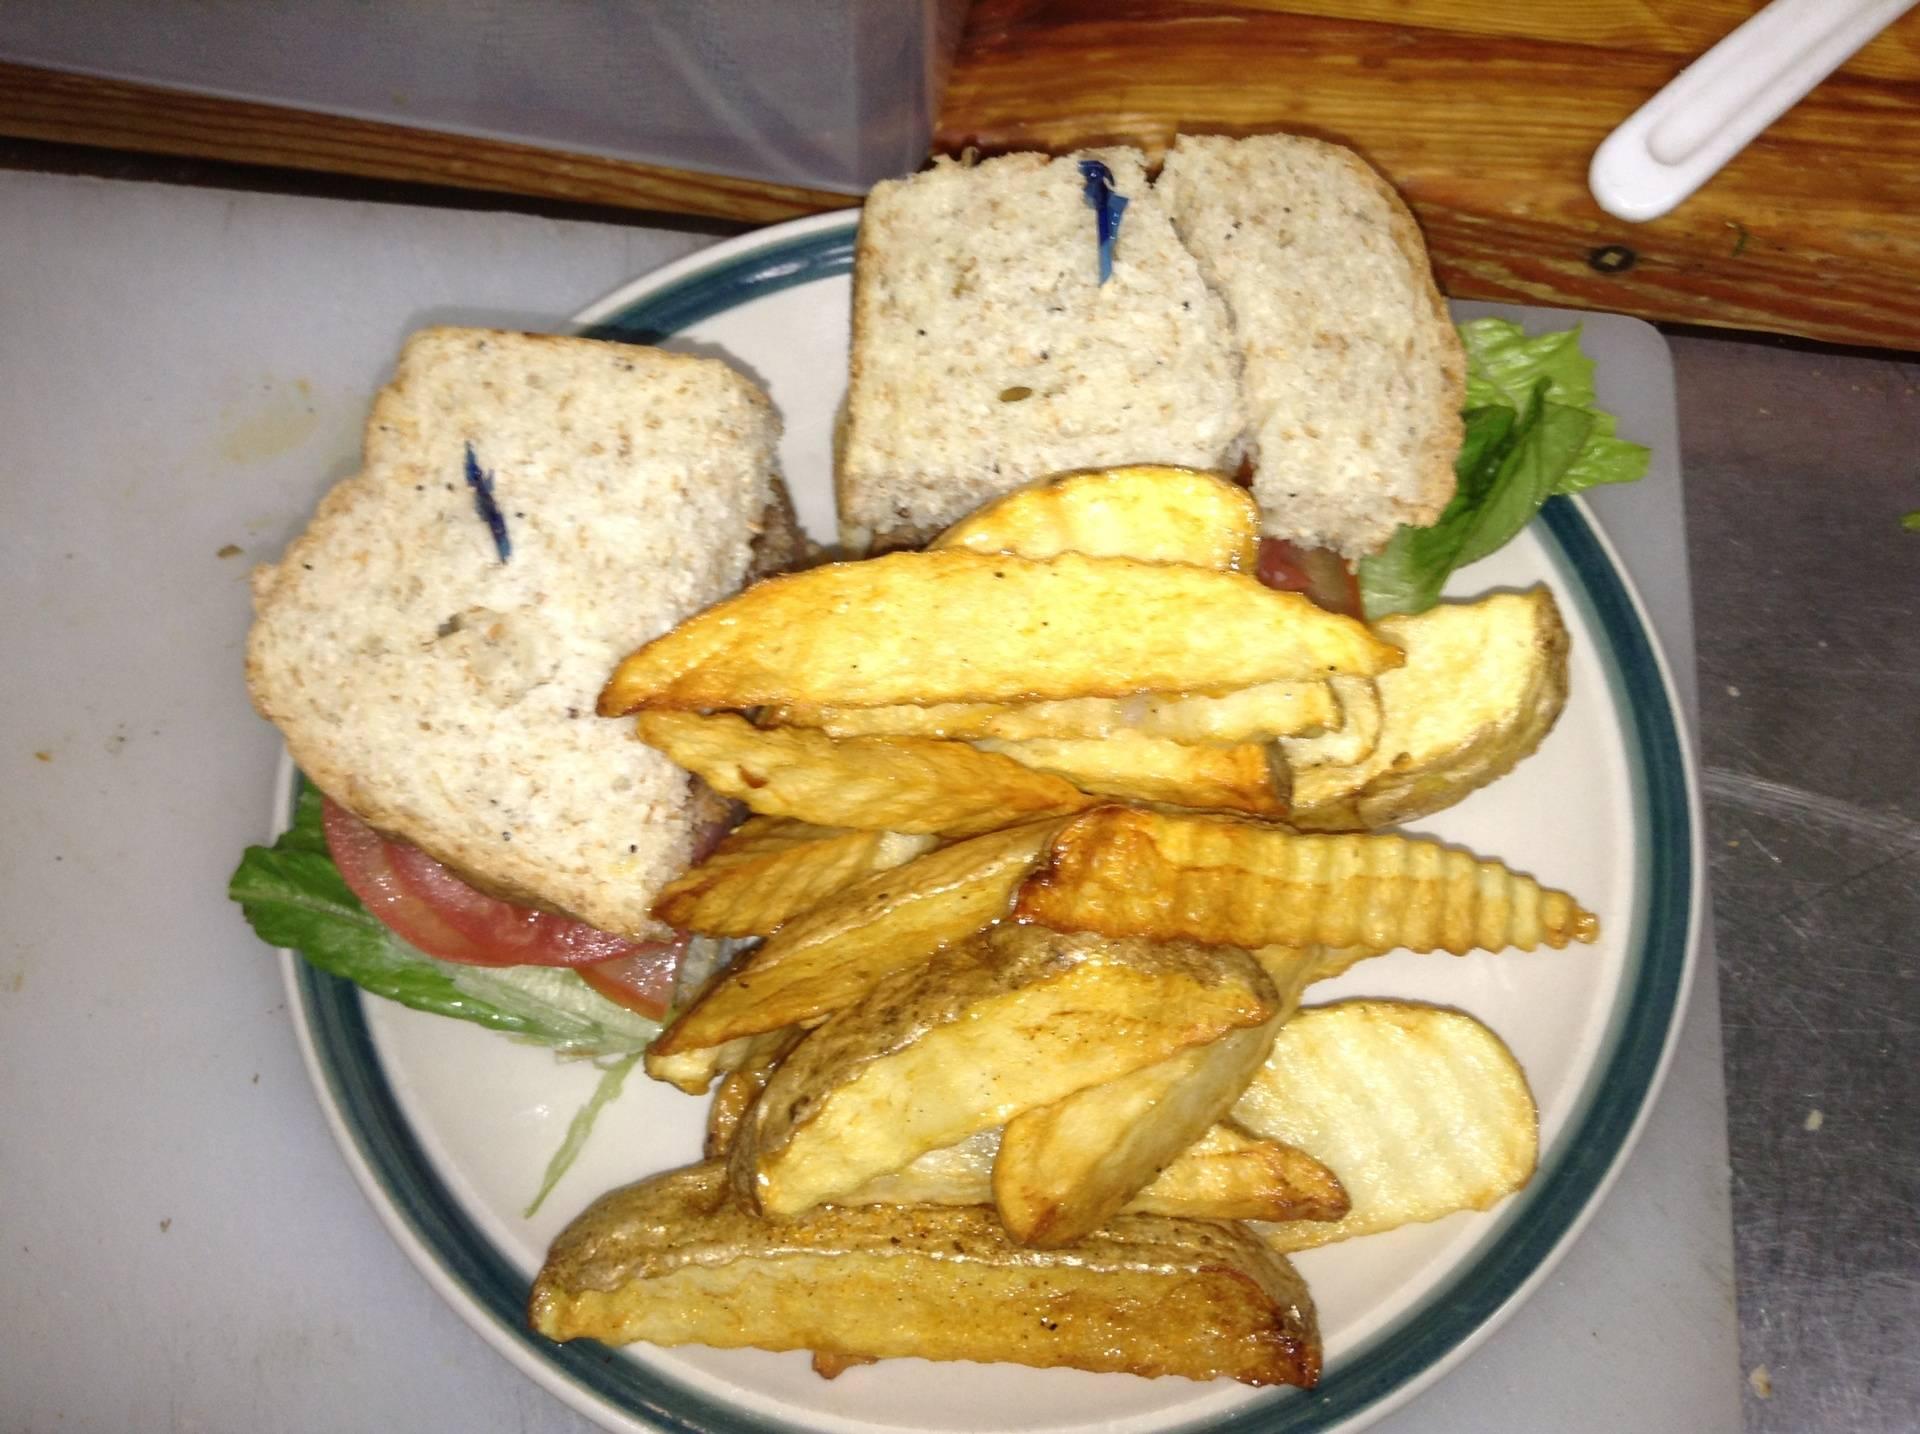 Sandwich & Fries